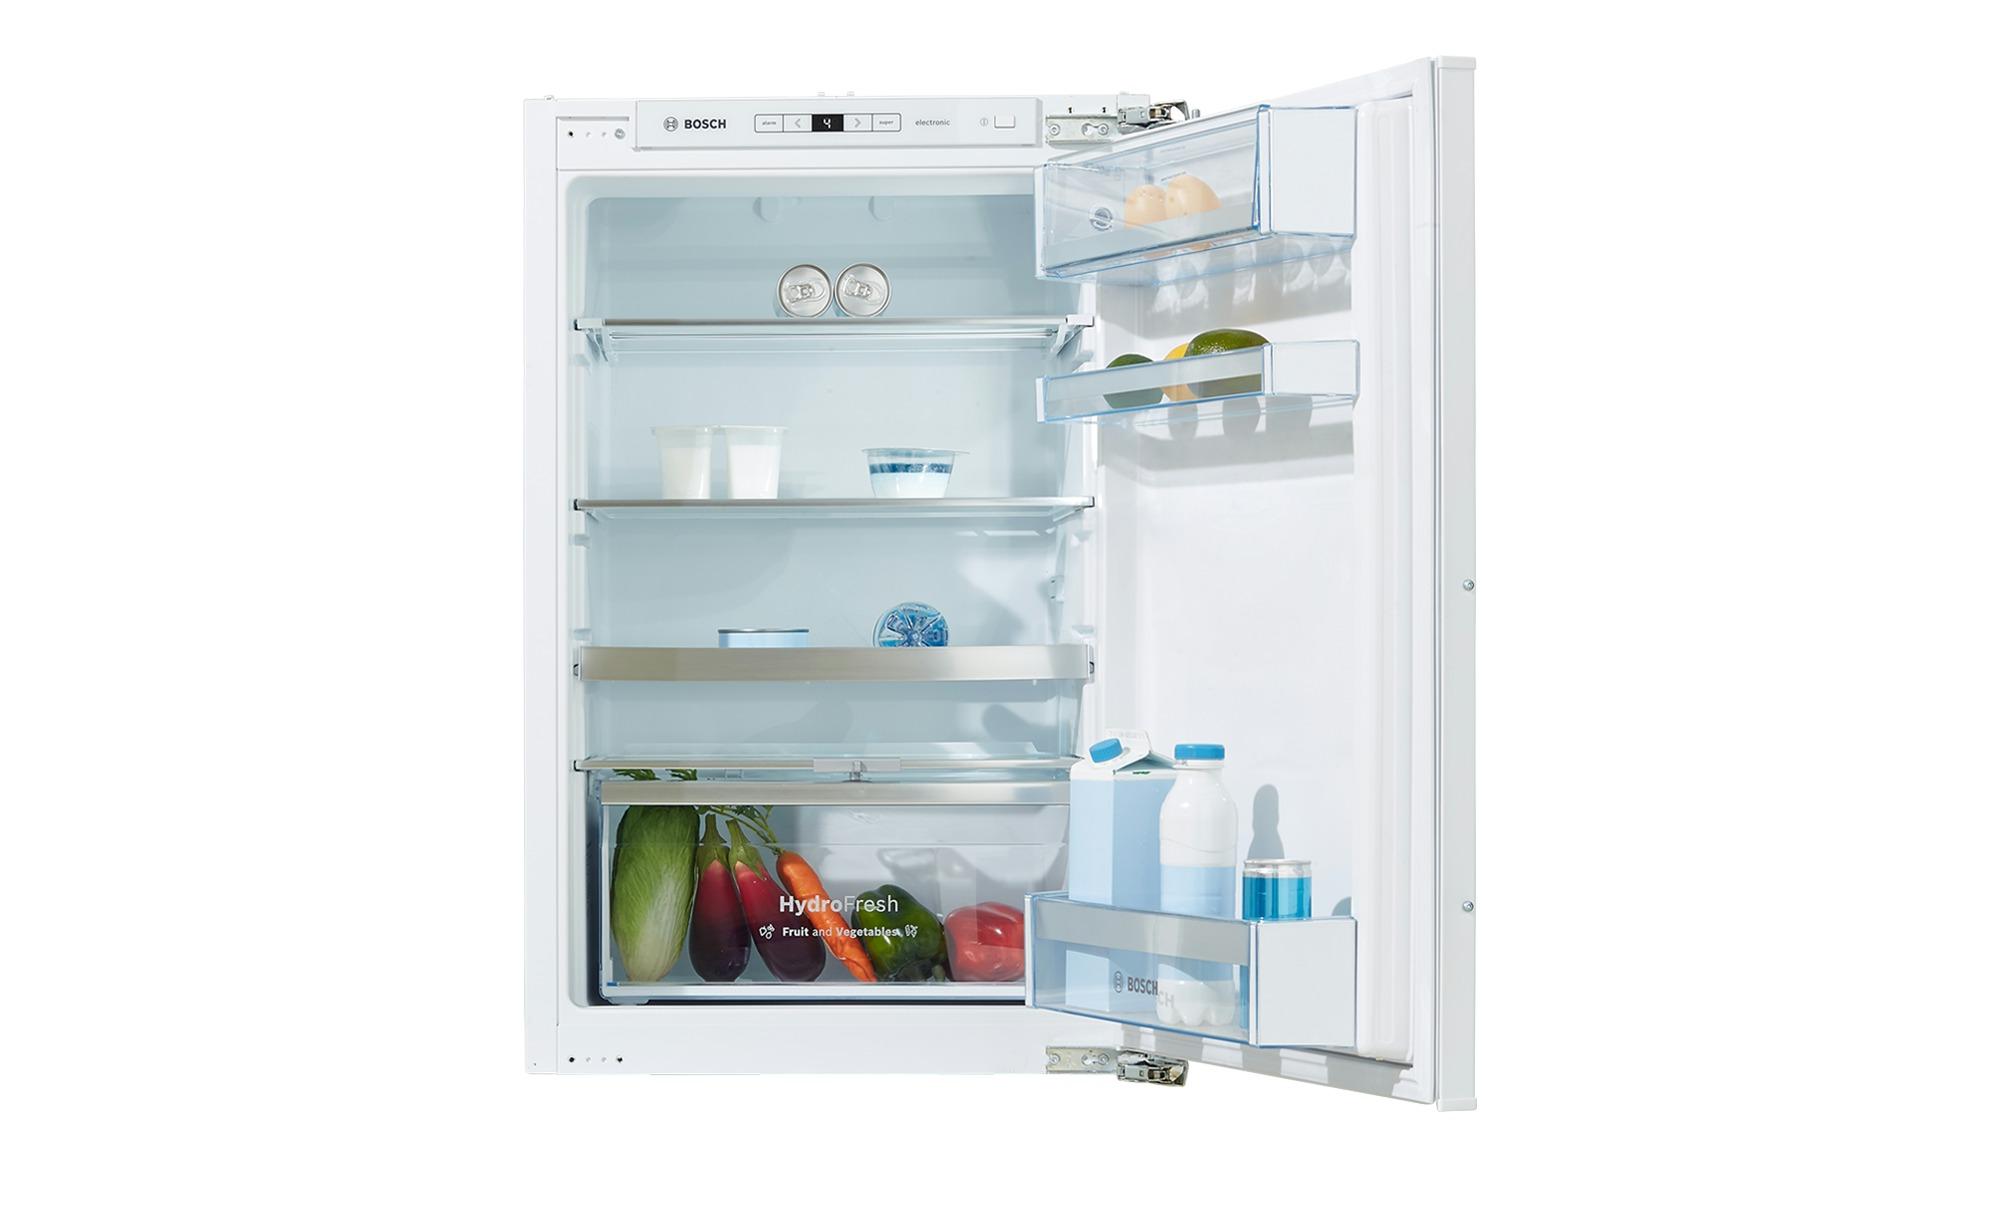 Gorenje Einbau Kühlschrank 122 Cm : Bosch einbau kühlschrank kir af möbel höffner